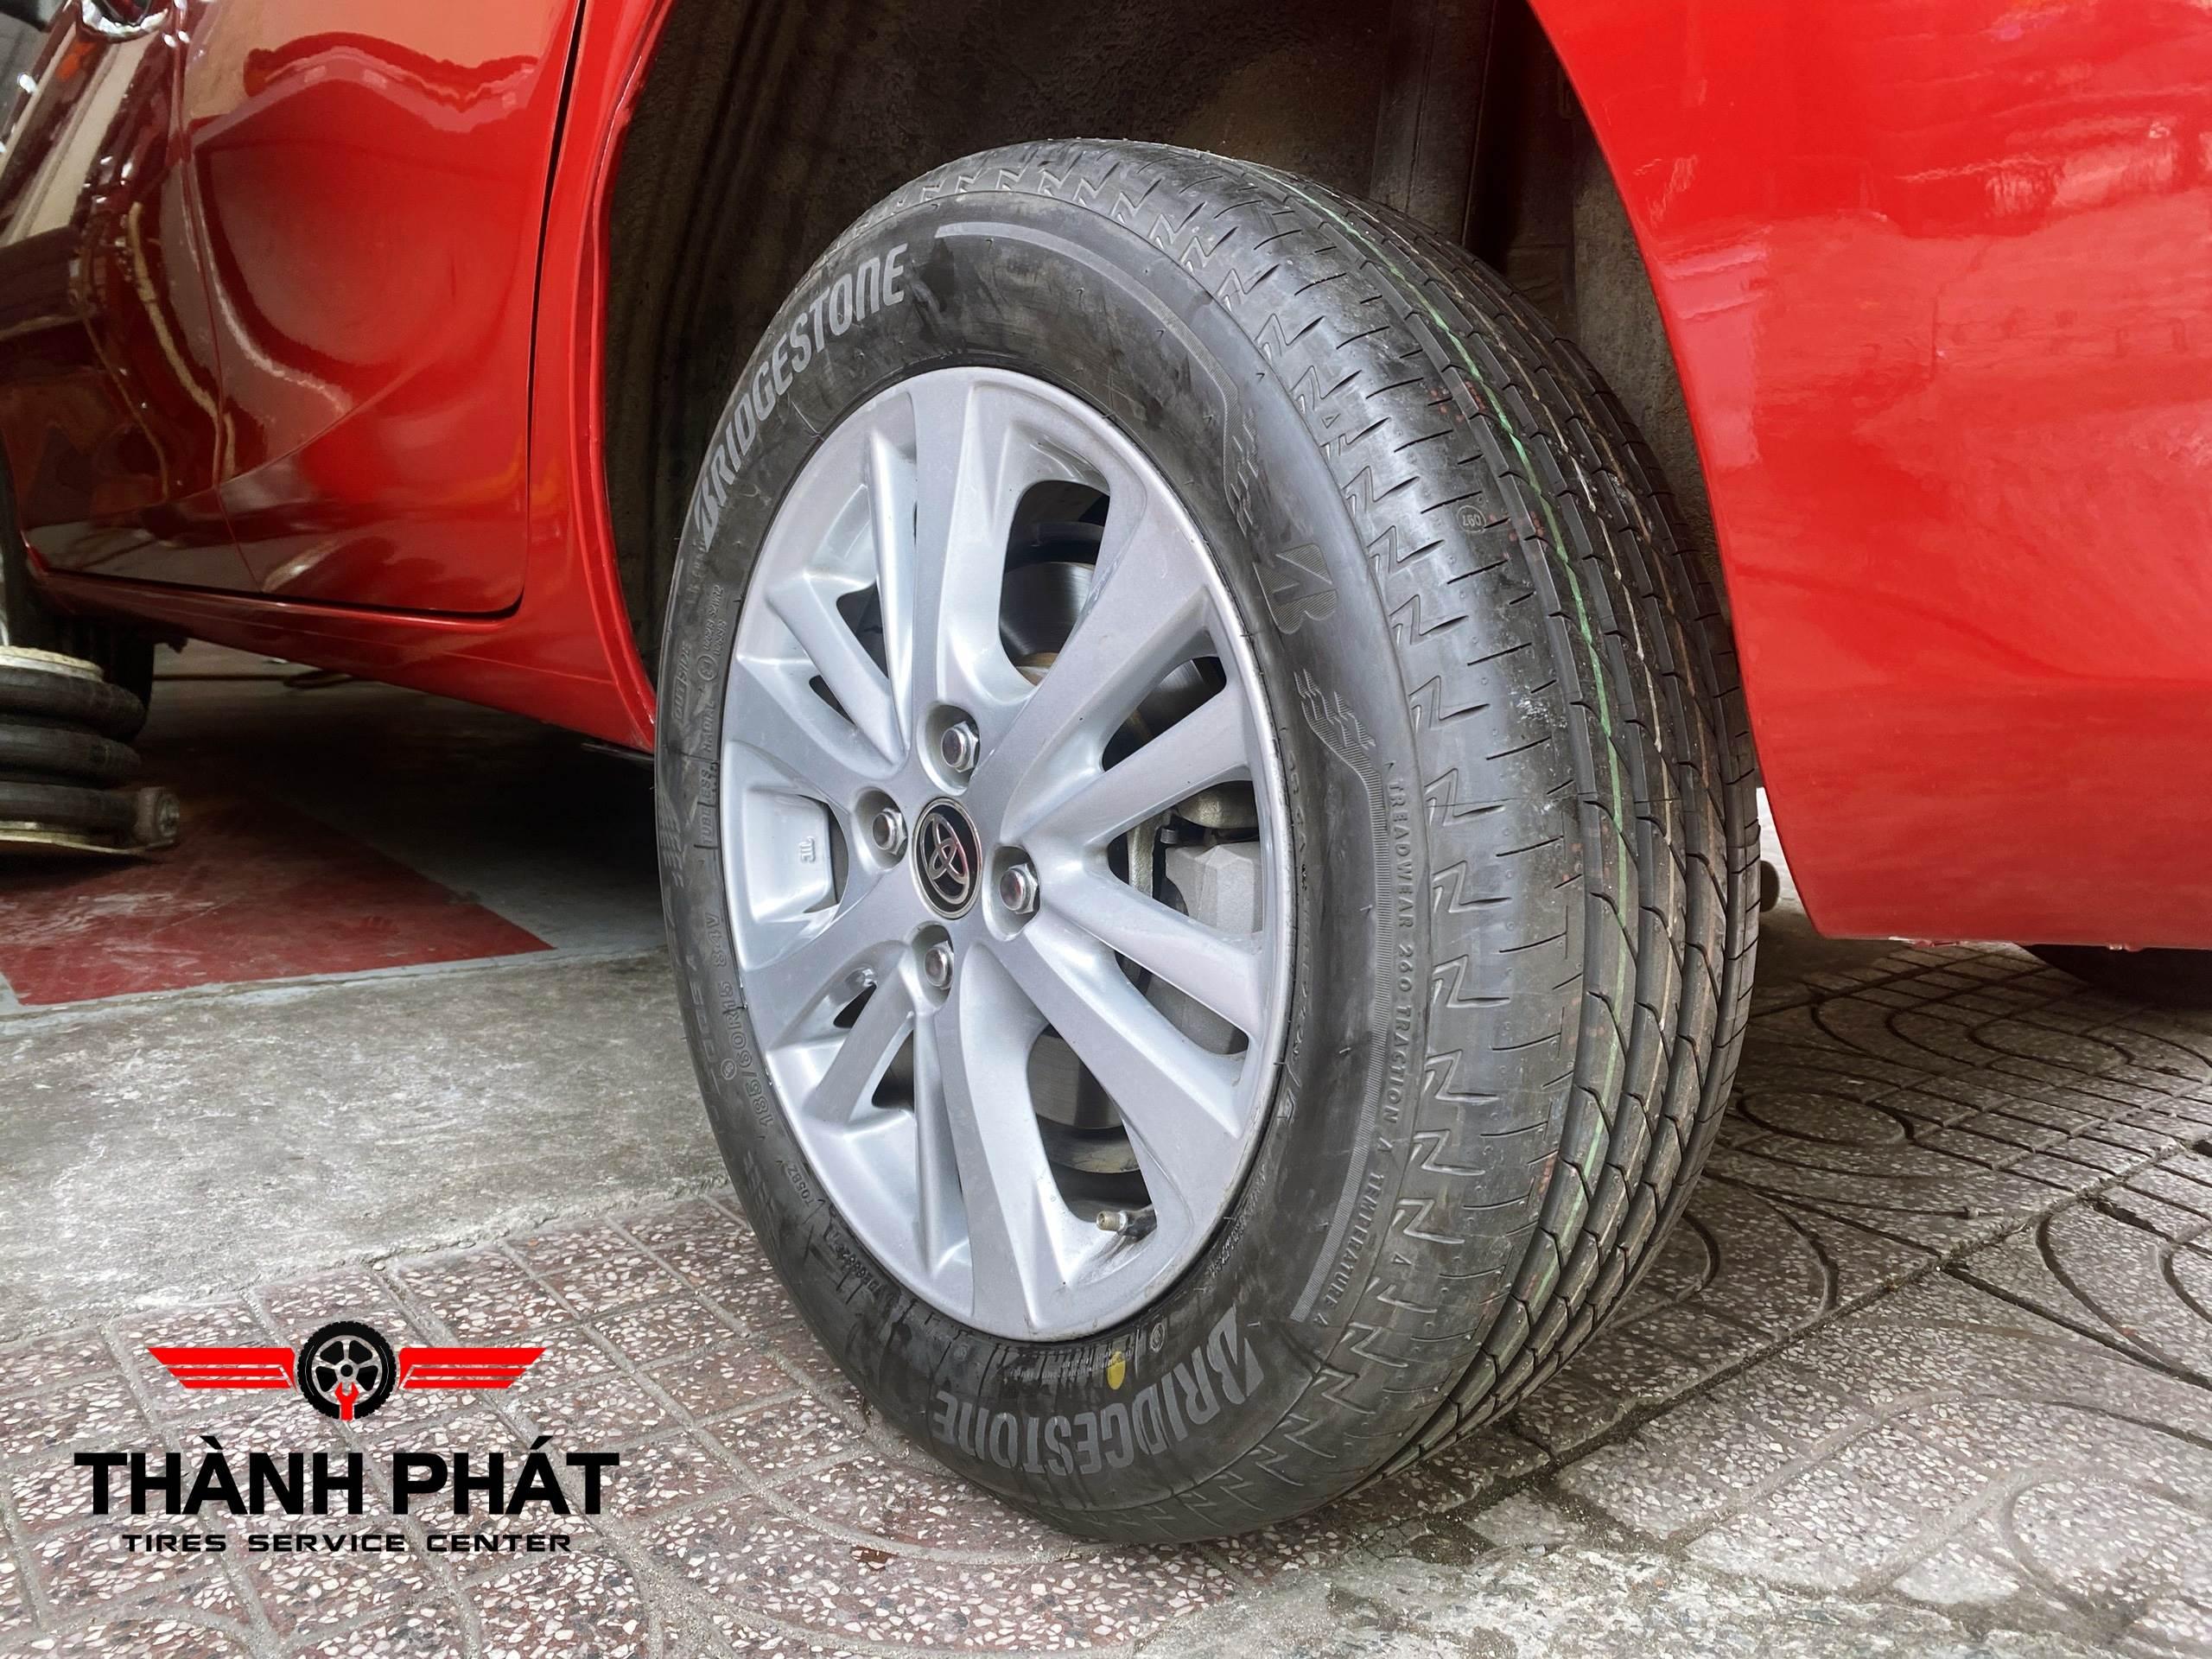 Toyota Vios lựa chọn dòng lốp Bridgestone vì tin tưởng về chất lượng, độ bền, sự êm ái và an toàn